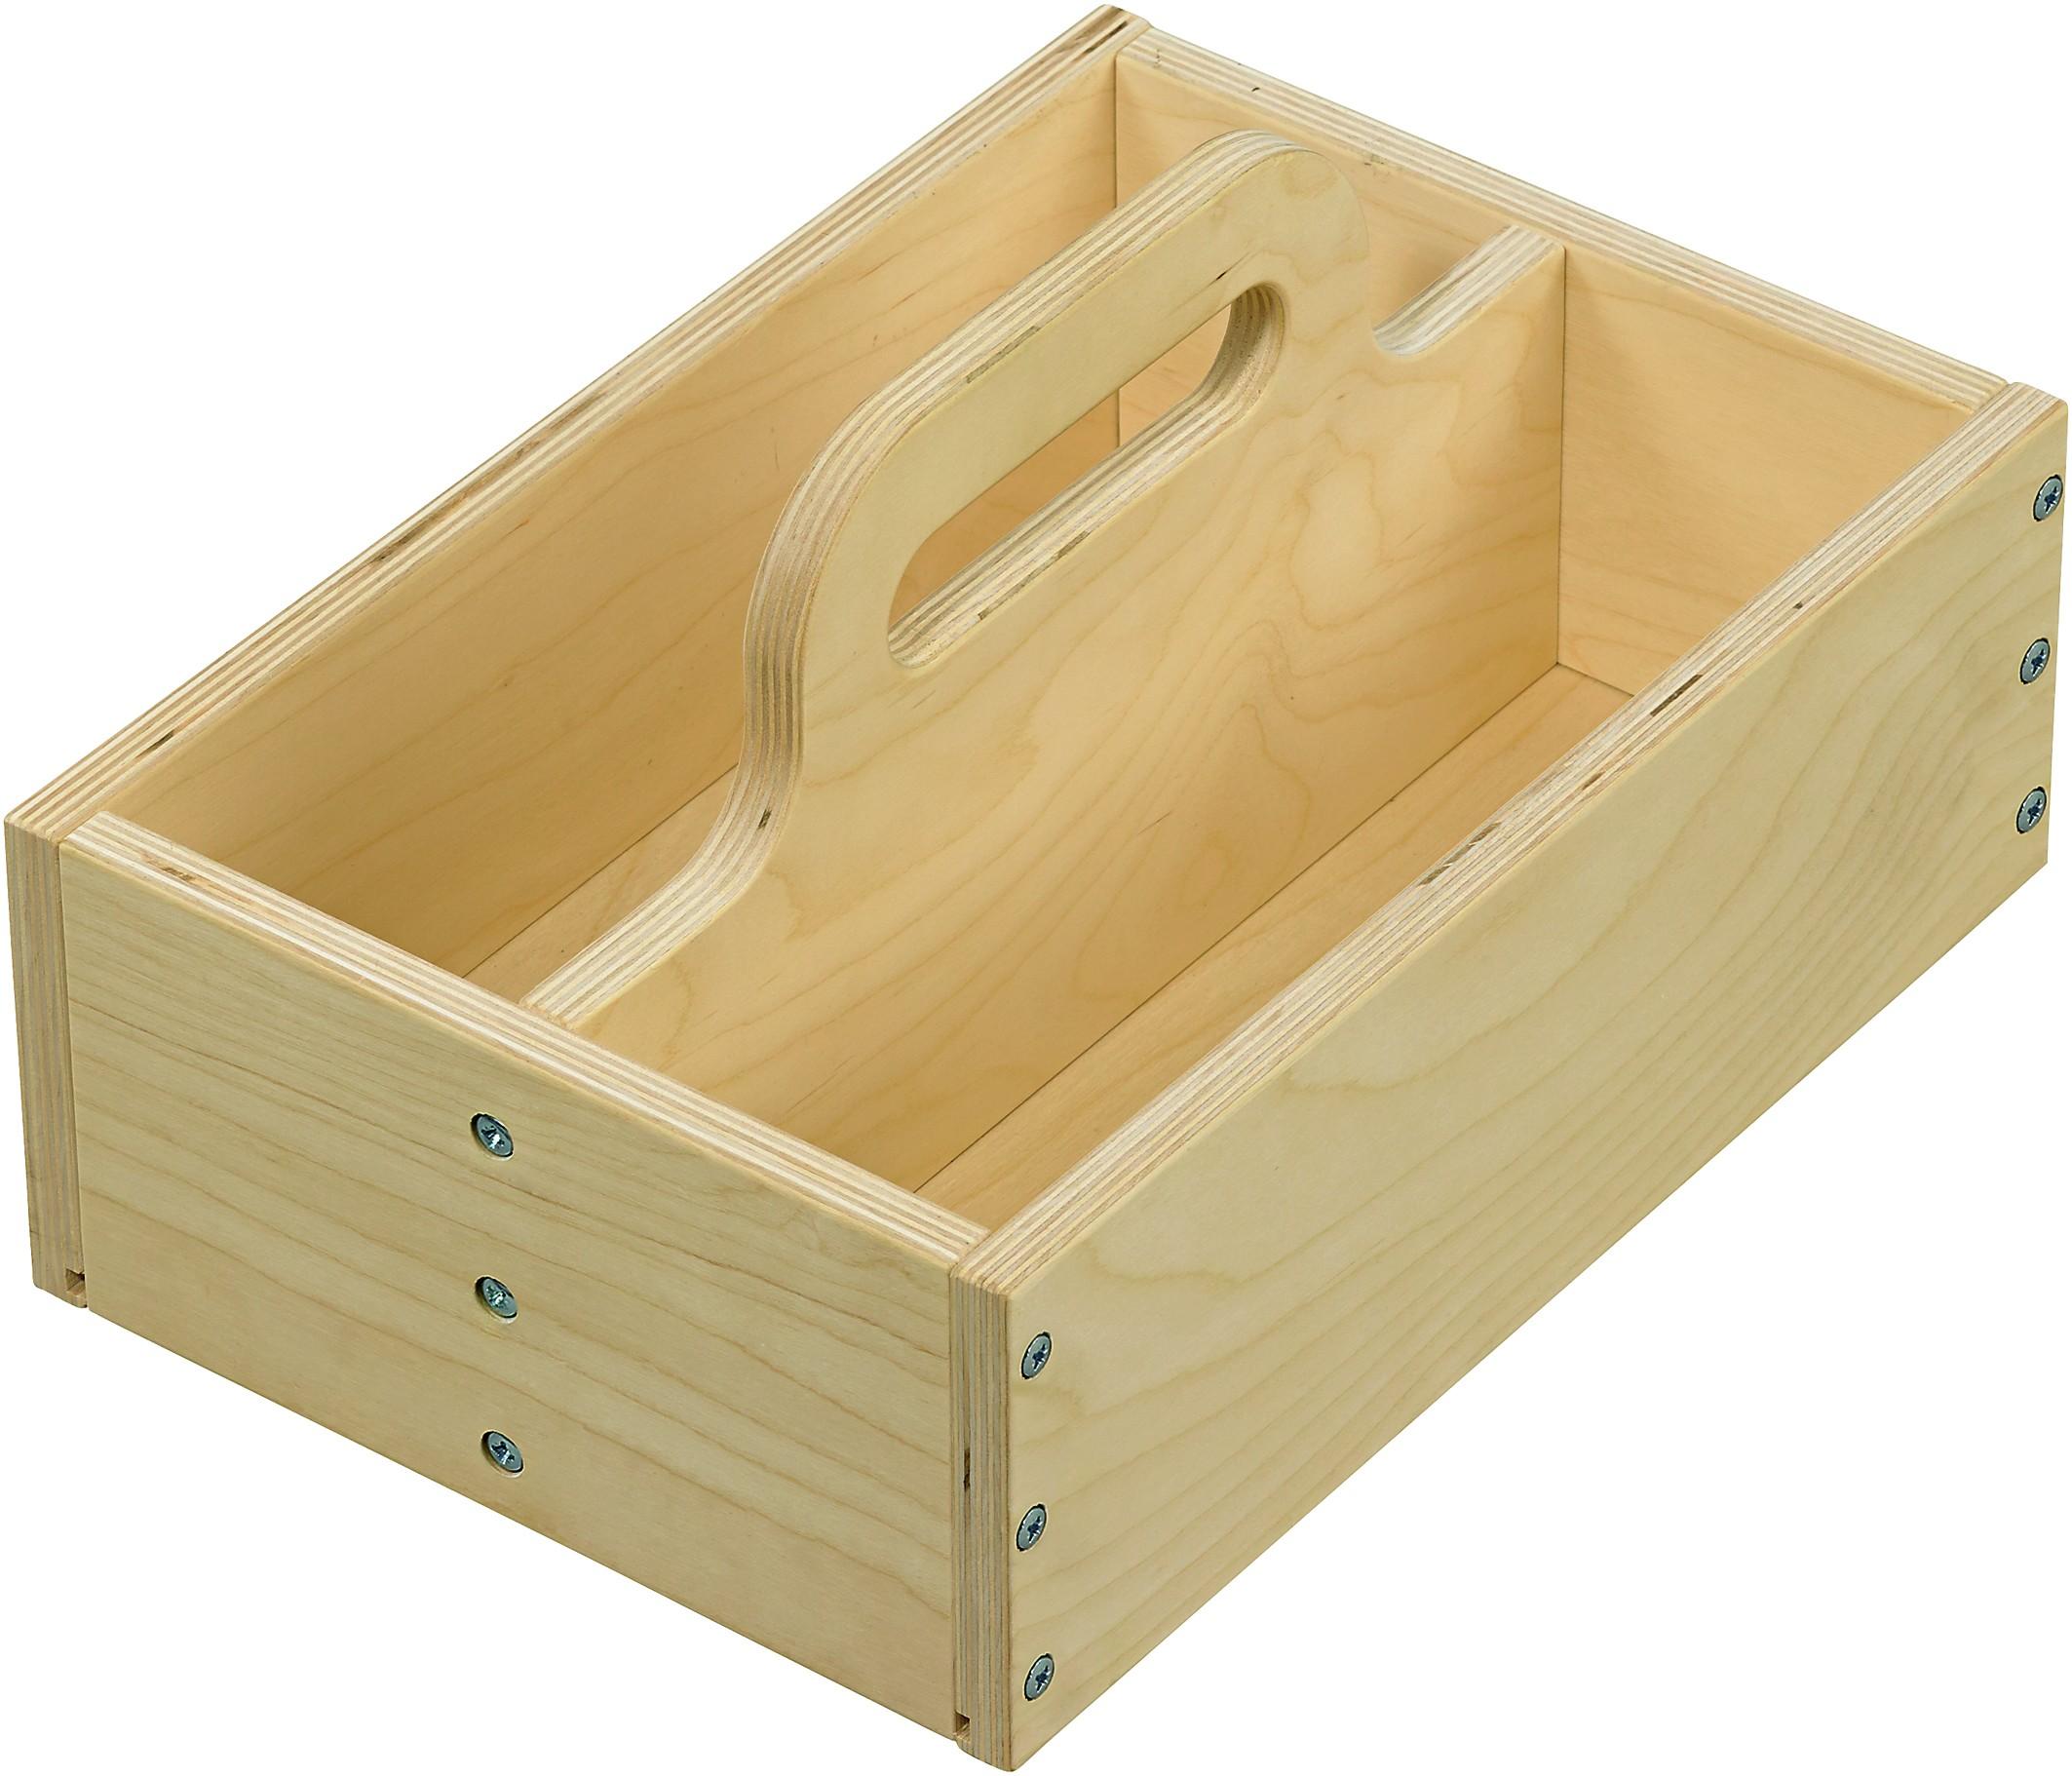 Byg selv - værktøjskasse